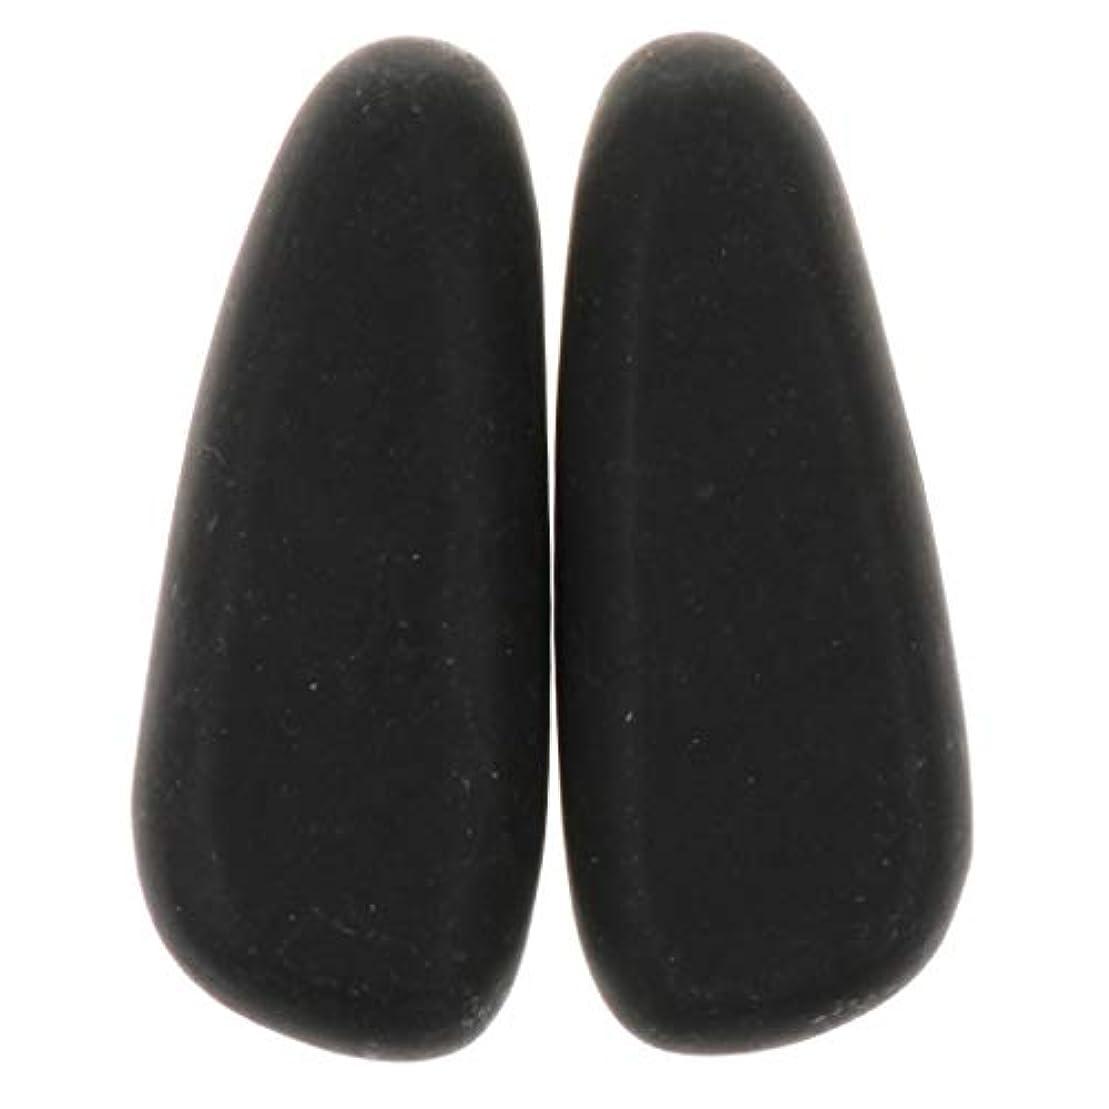 合わせて活性化騒ぎHellery マッサージストーン 天然石ホットストーン マッサージ用玄武岩 SPA ツボ押しグッズ 2個 全2サイズ - 8×3.2×2cm